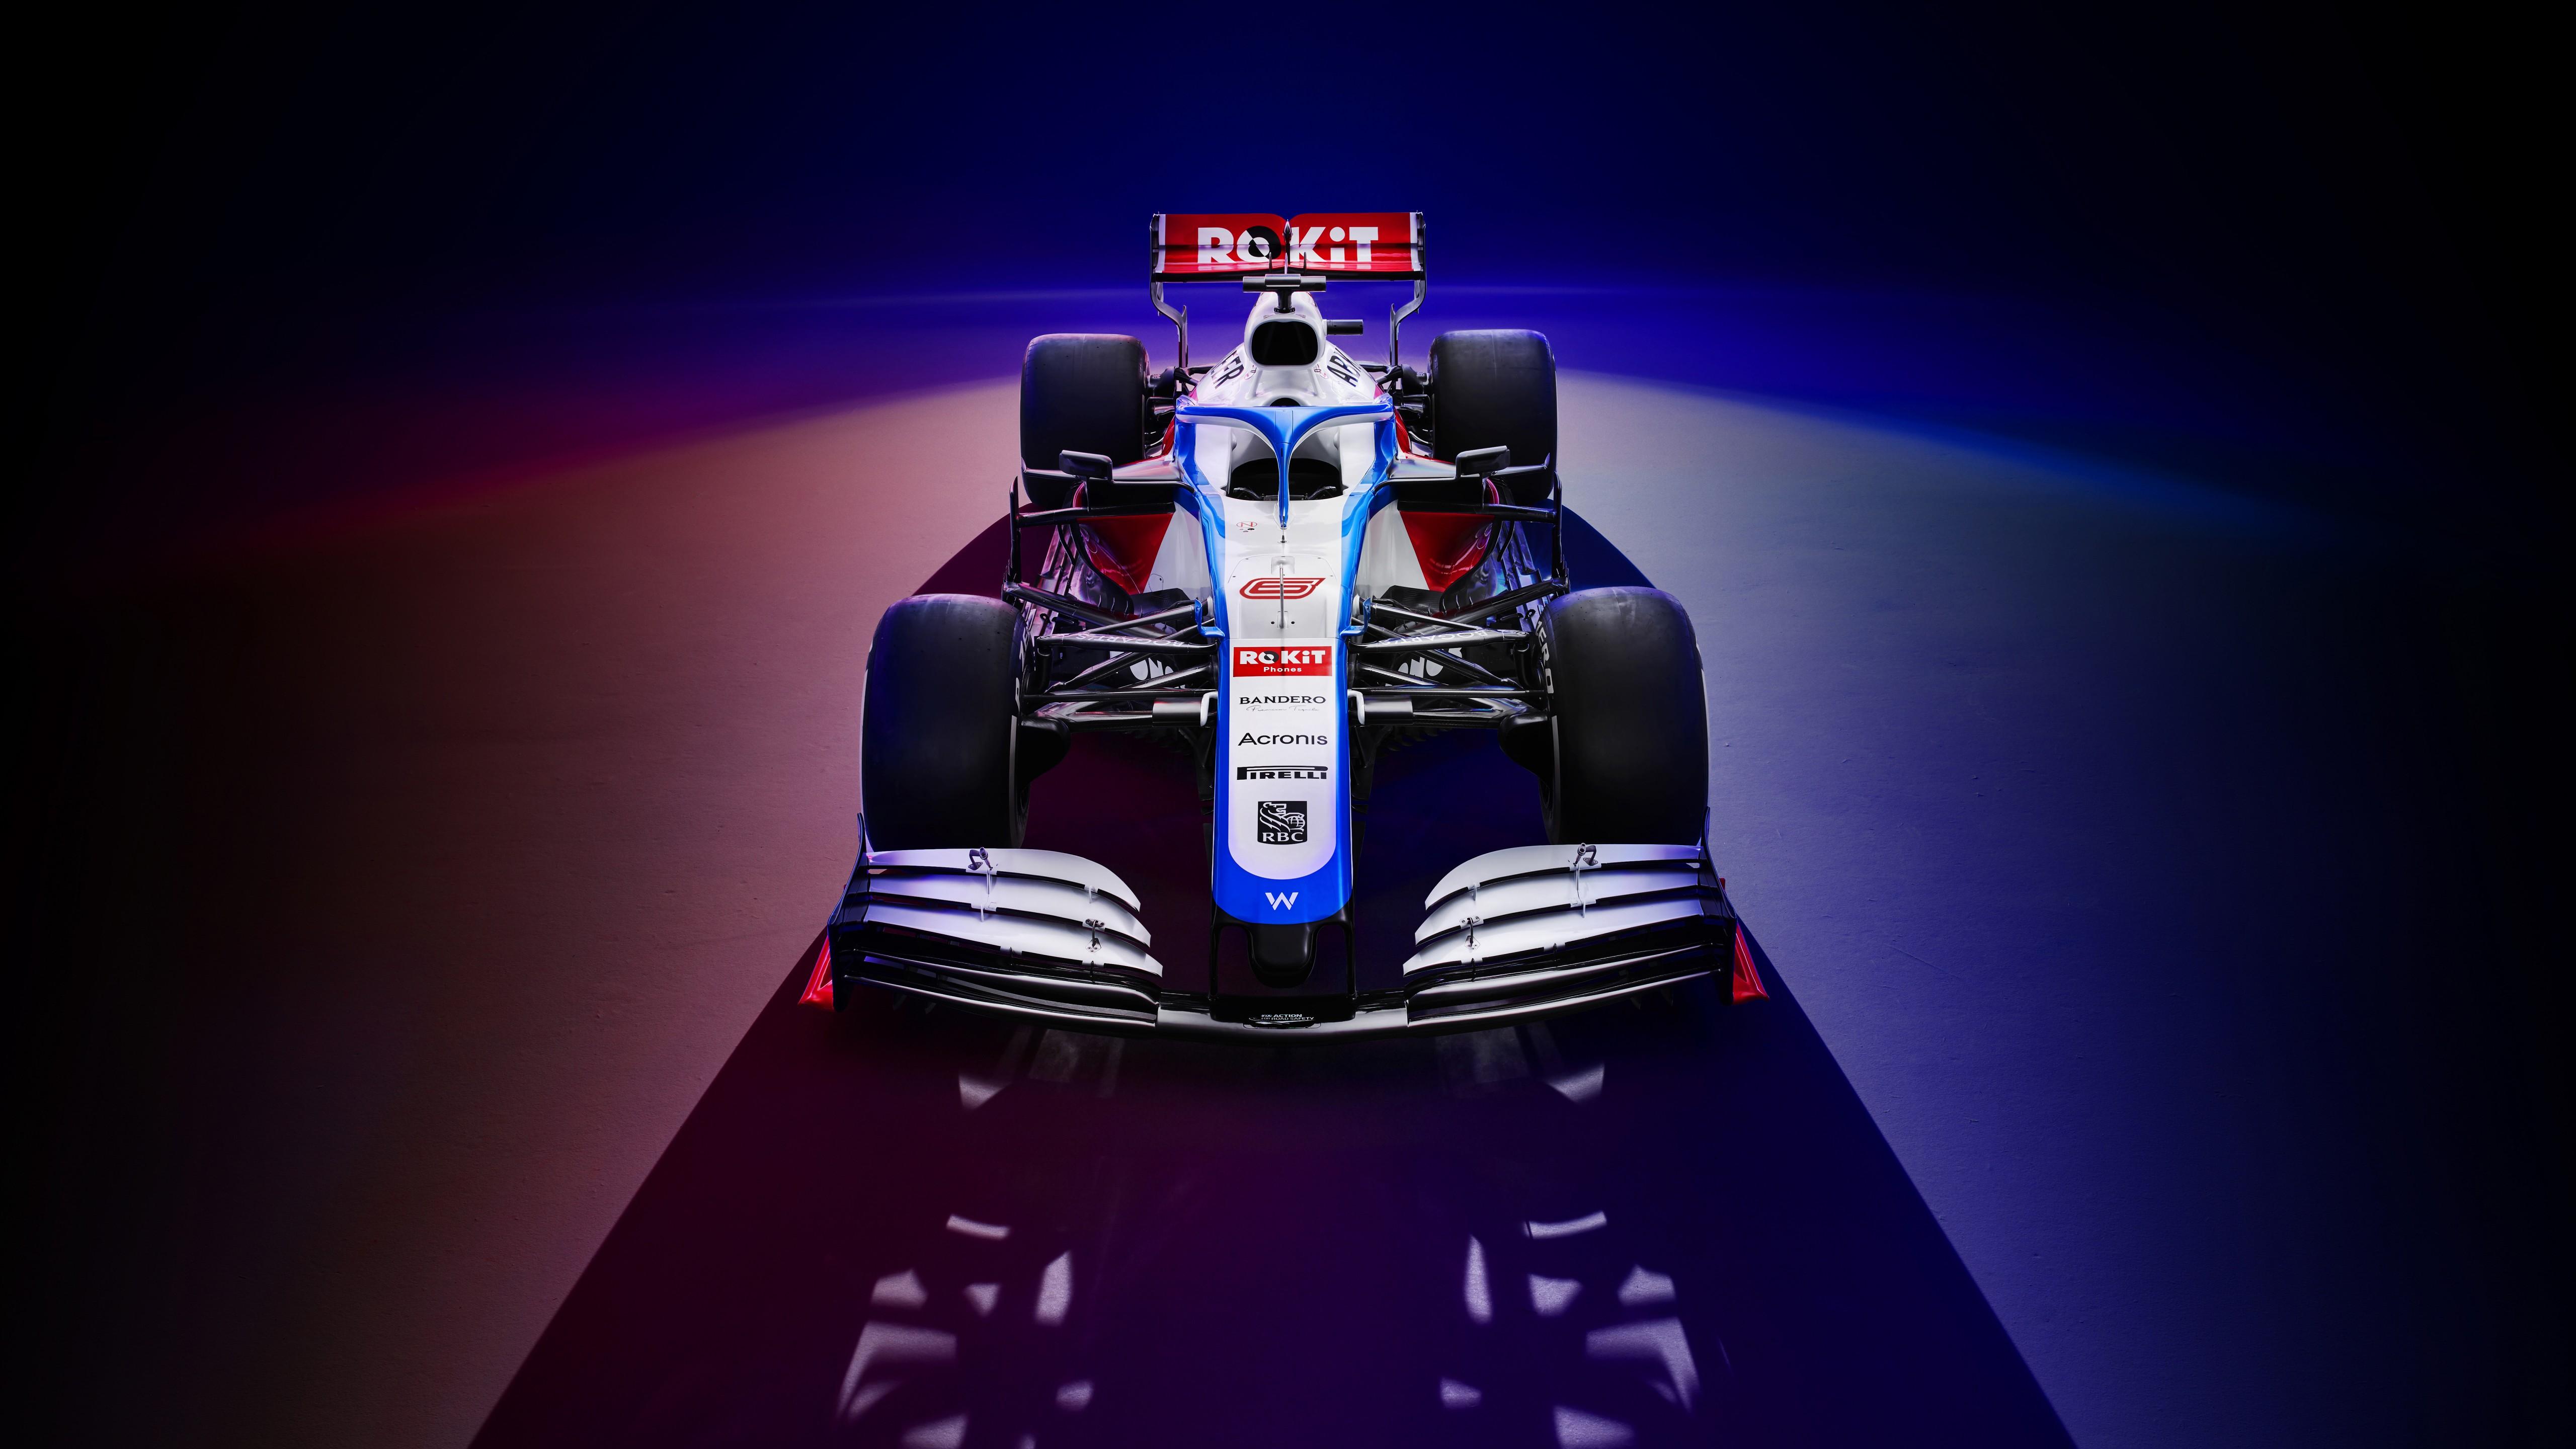 Ktm X Bow >> Williams FW43 2020 F1 car 4K 8K Wallpaper   HD Car Wallpapers   ID #14336